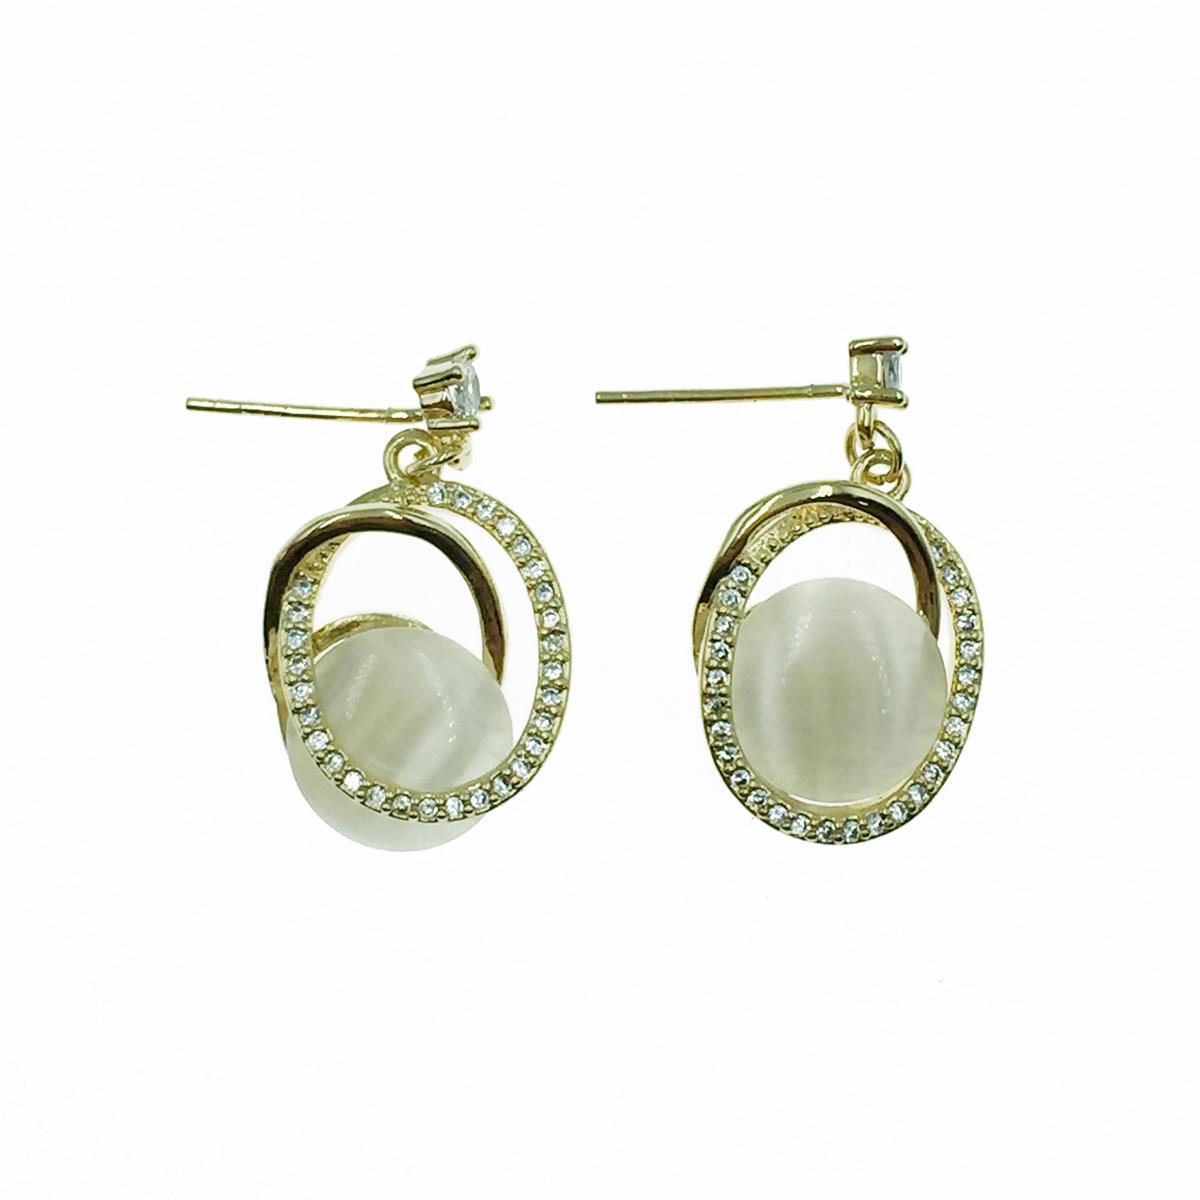 韓國 925純銀 水鑽 交錯圓 垂墜感 耳針式耳環